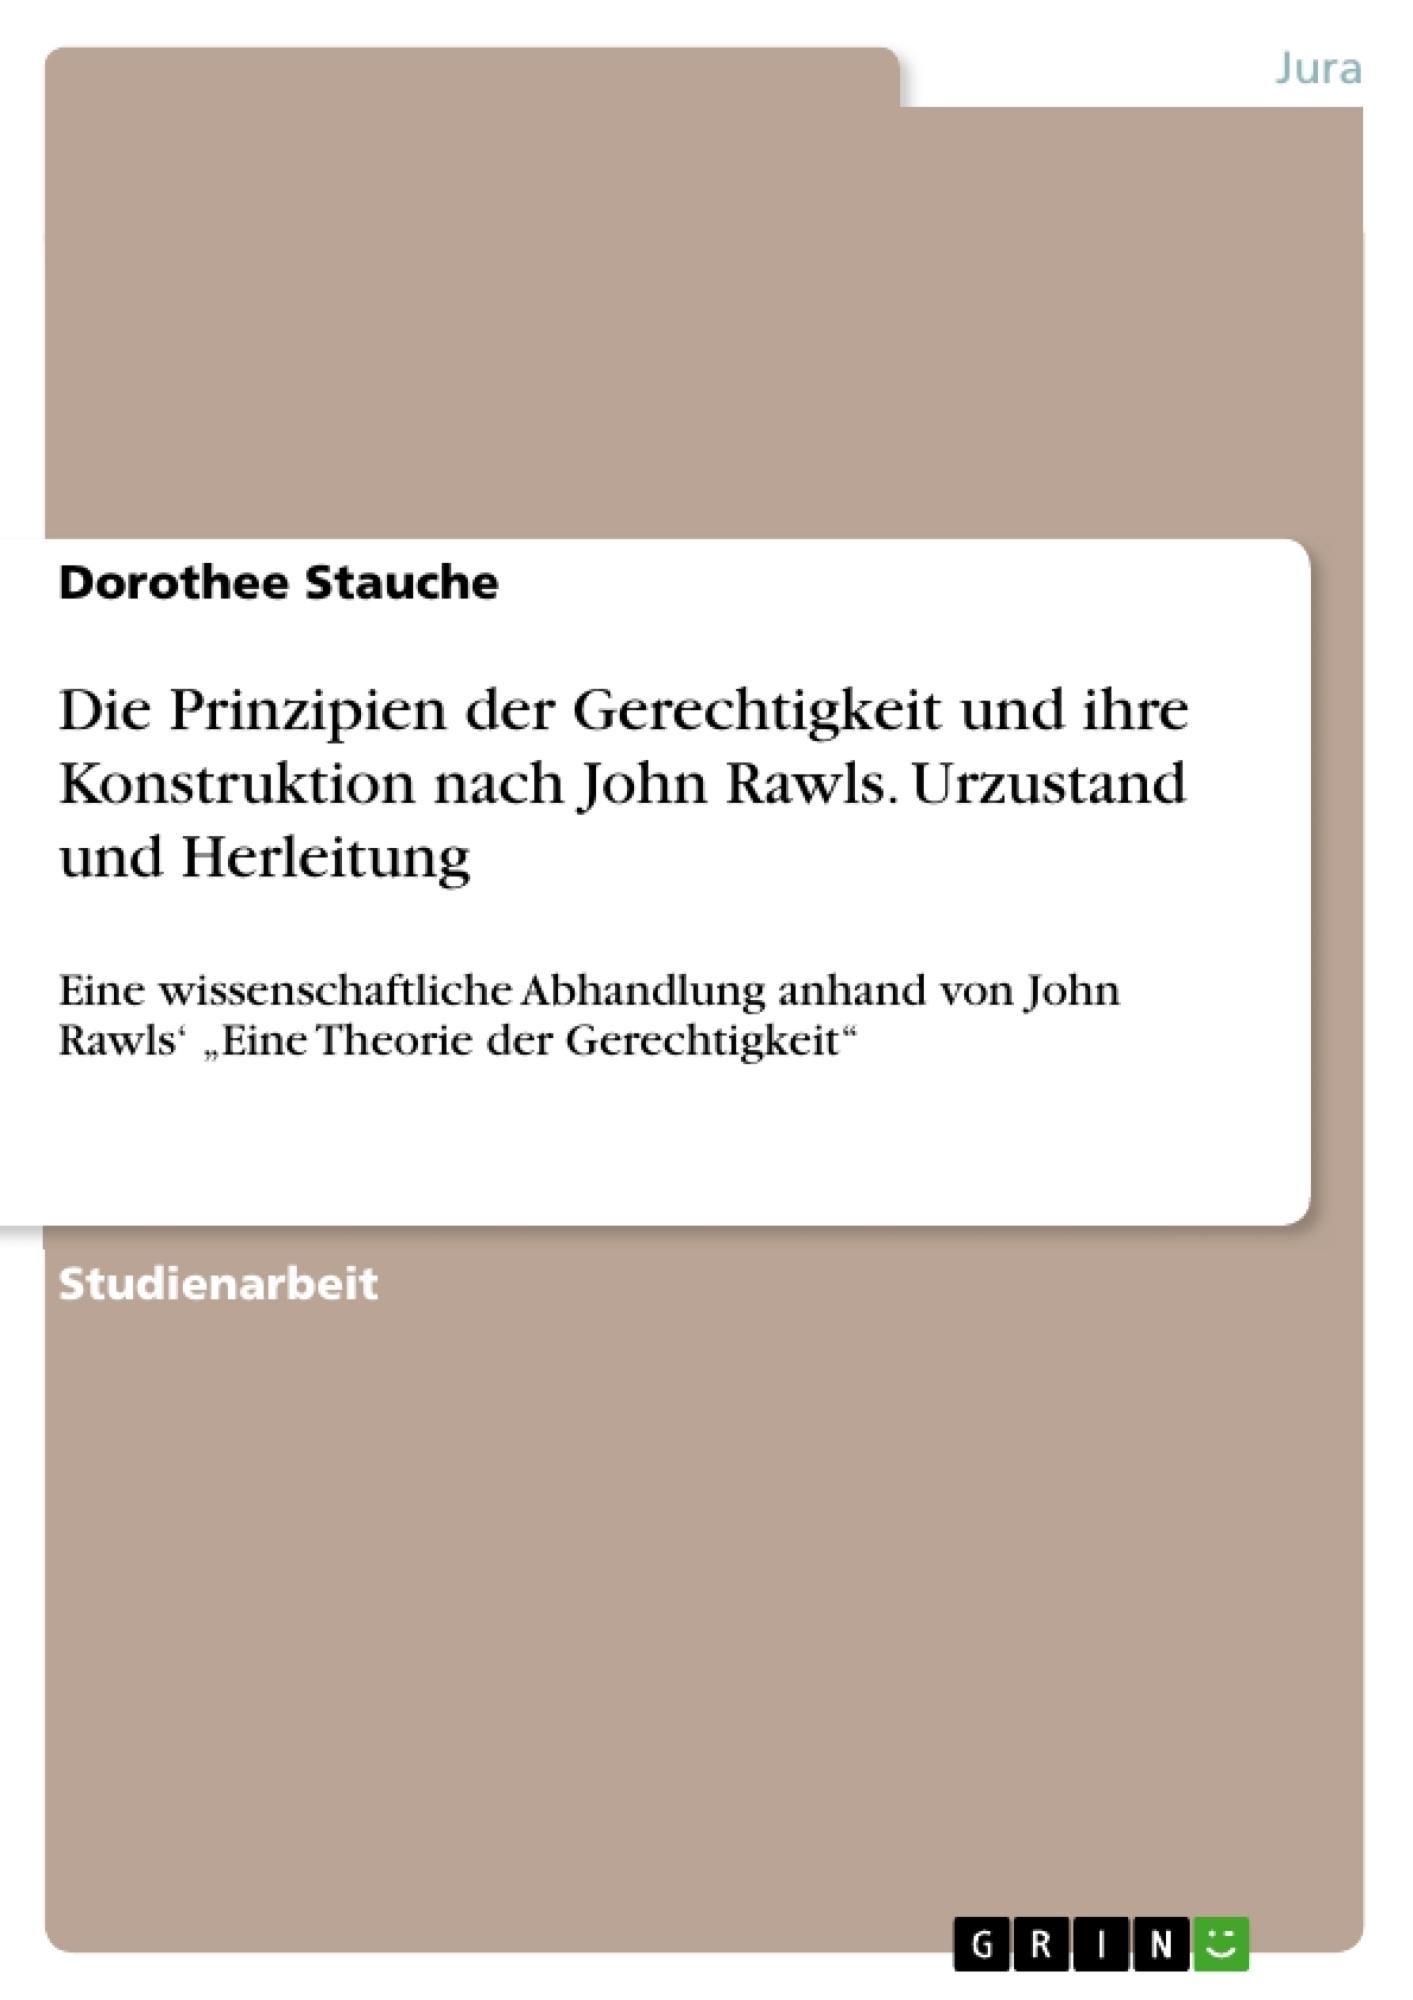 Titel: Die Prinzipien der Gerechtigkeit und ihre Konstruktion nach John Rawls. Urzustand und Herleitung